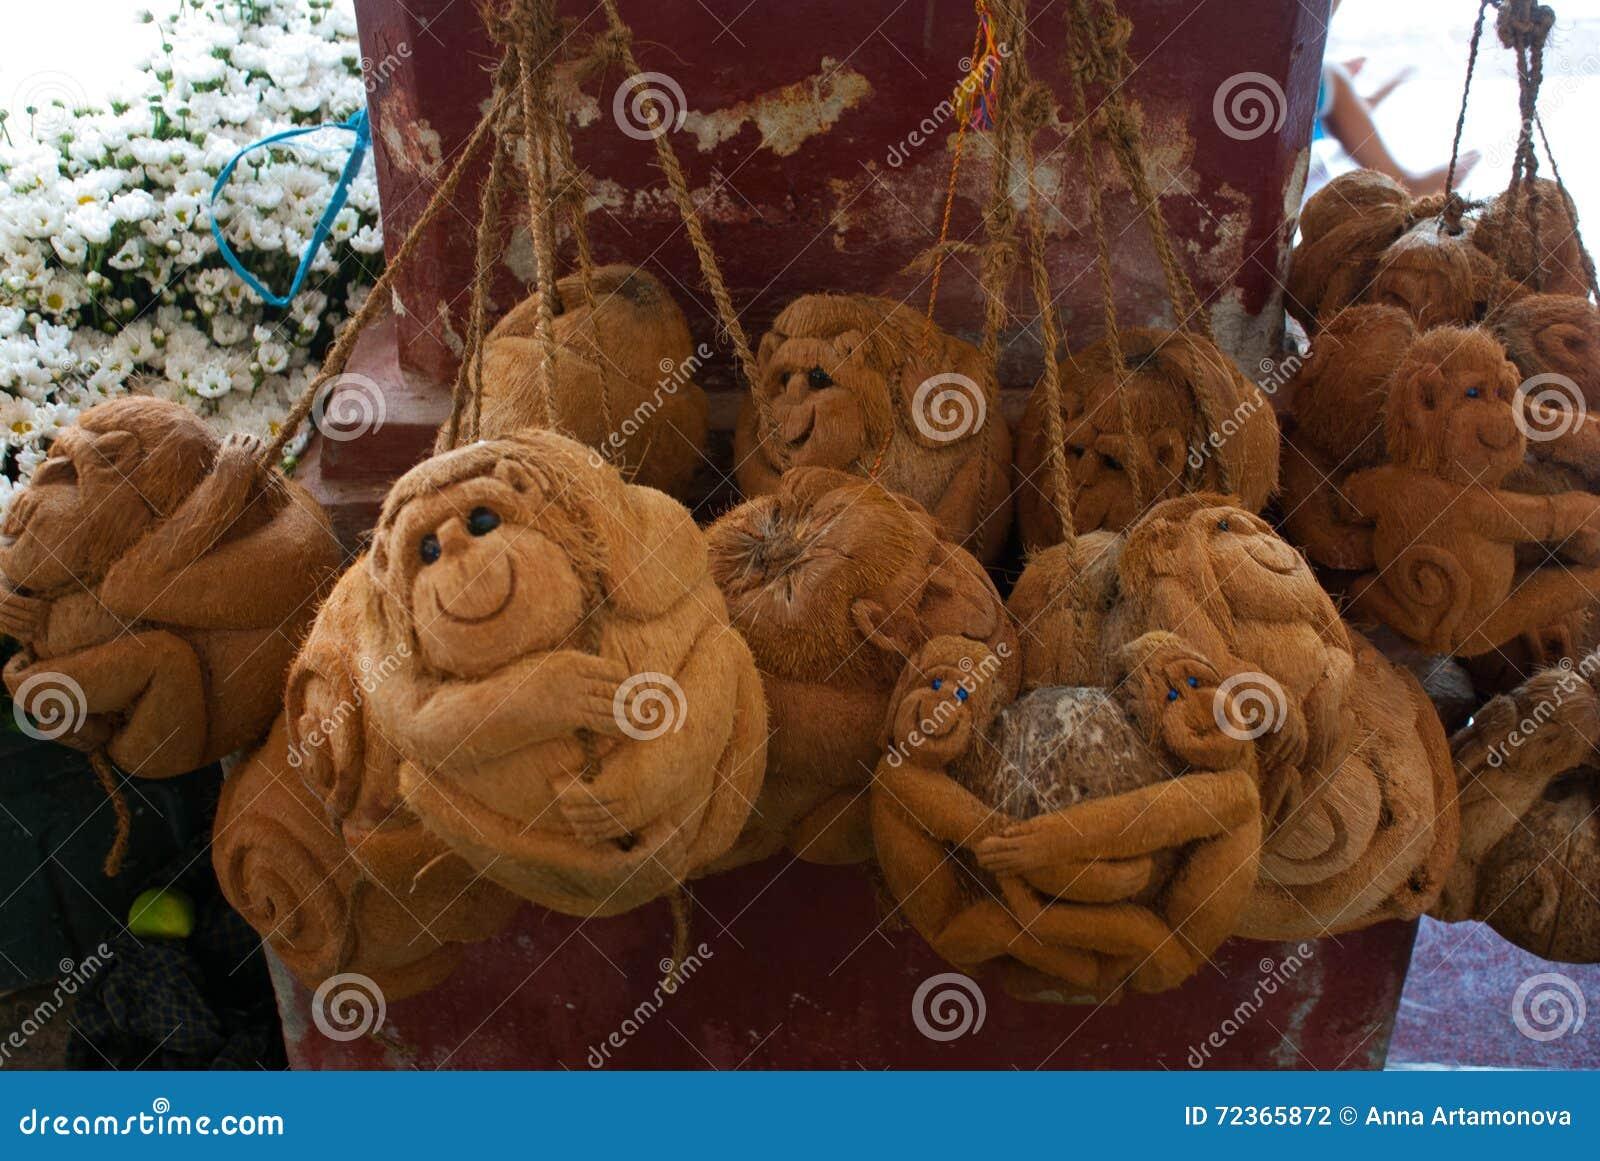 纪念品由椰子制成 猴子 缅甸 缅甸